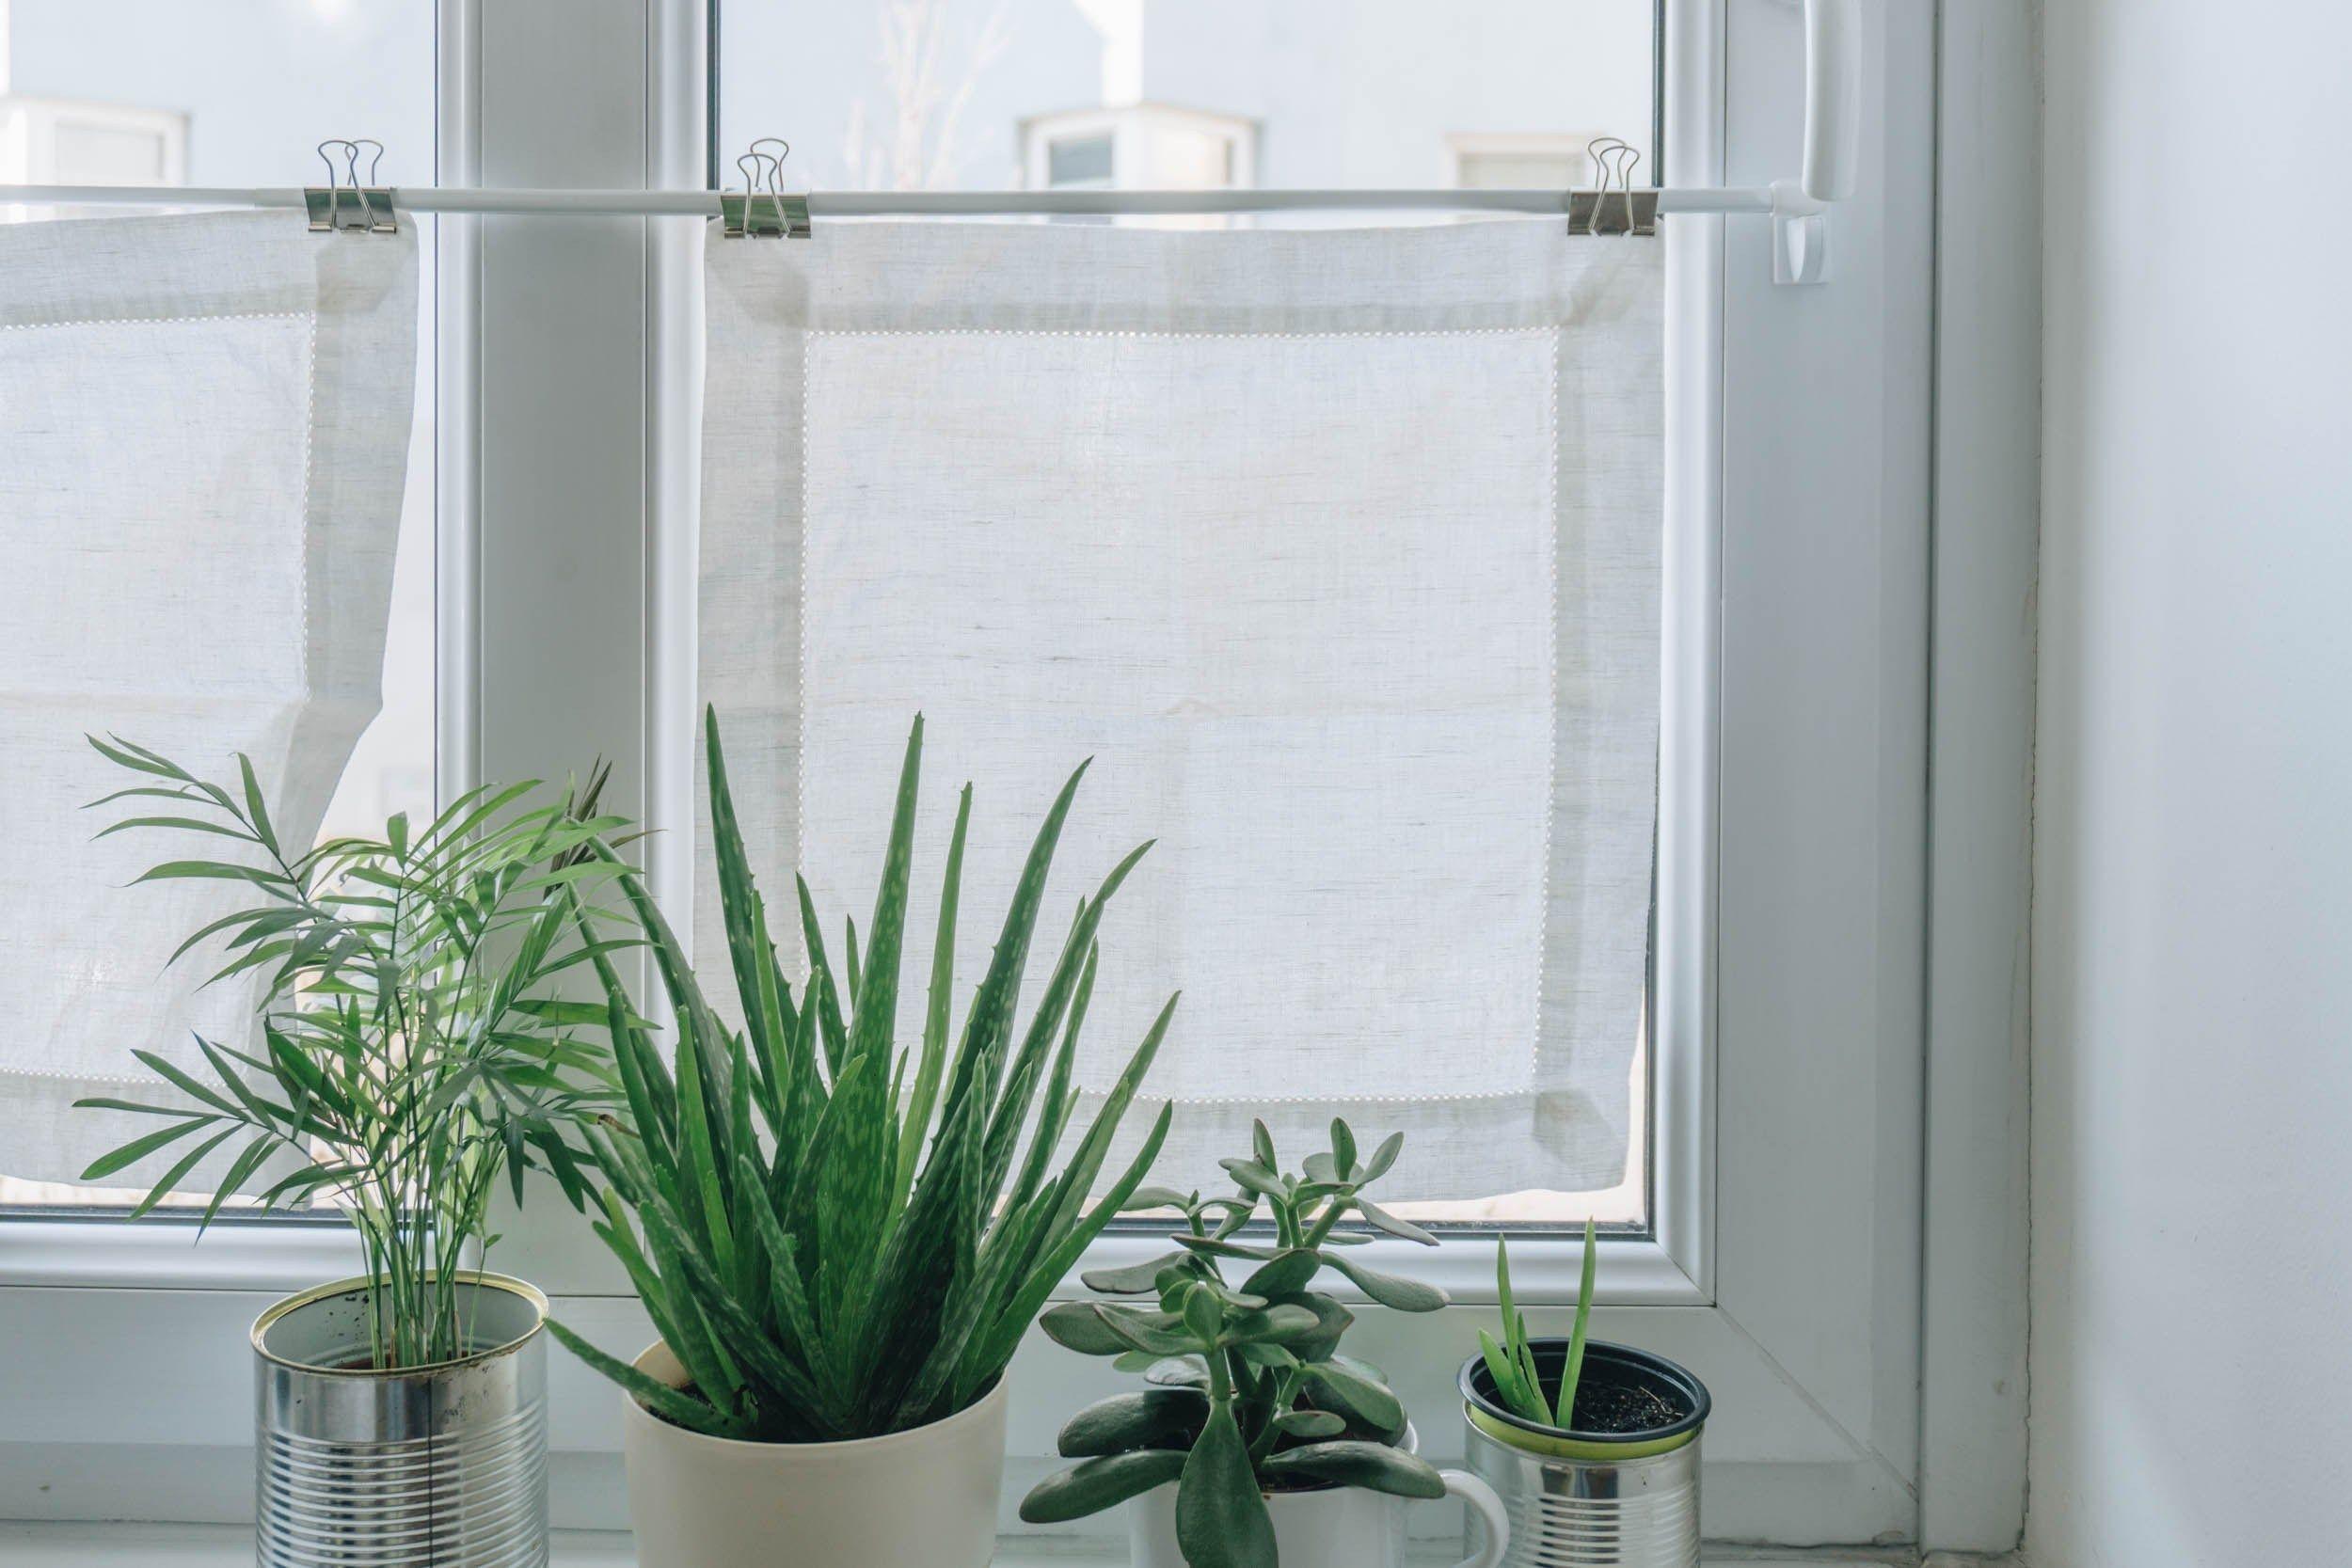 Diy Wohnzimmer Diy Mini Fenster Vorhange Als Sichtschutz Das Diy Lifestyle Magazin Diy Wohnzimmer Sichtschutz Fenster Vorhange